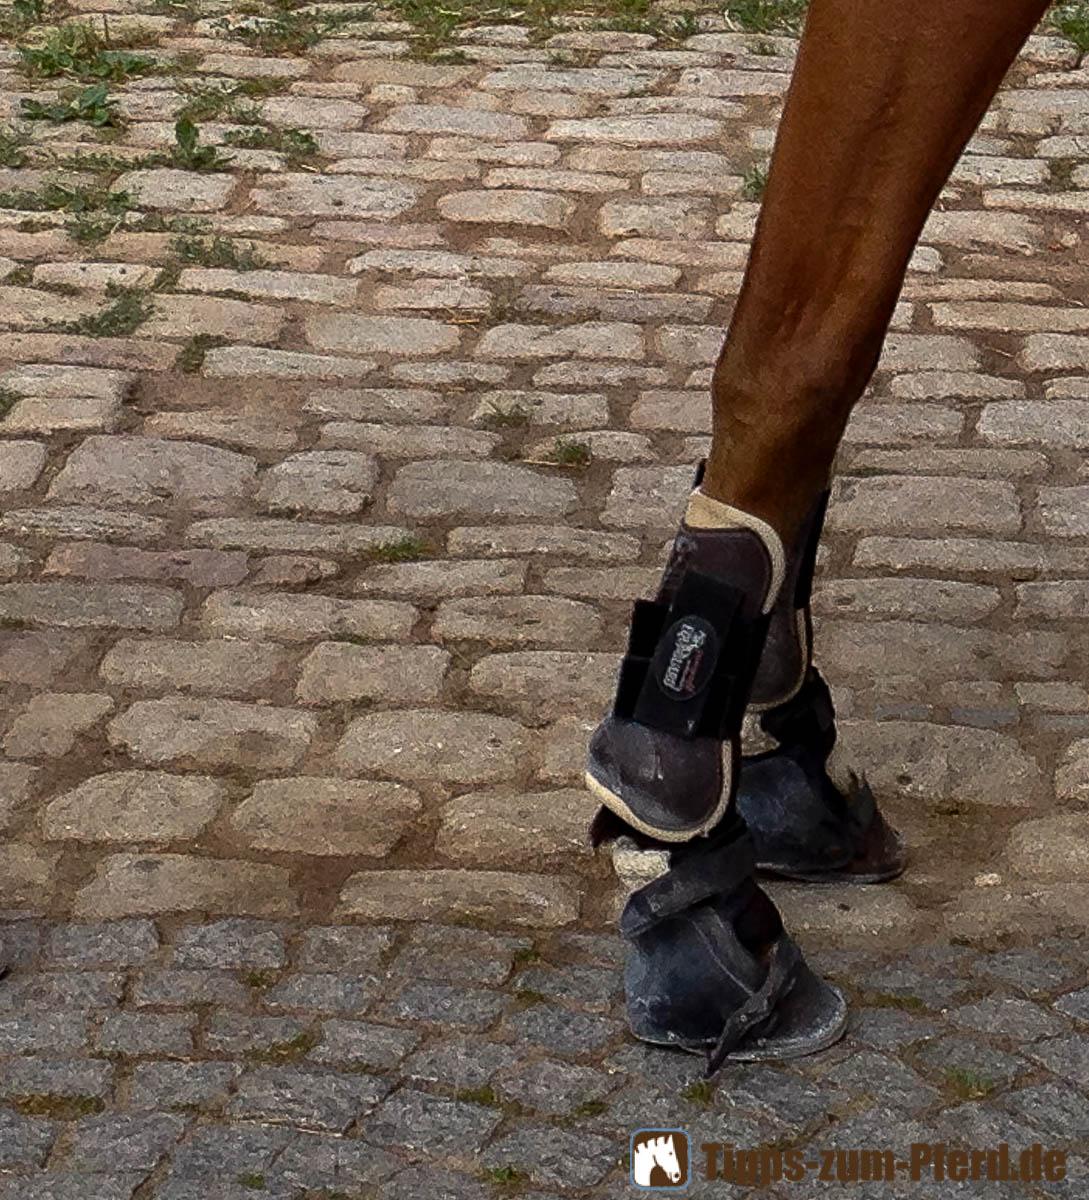 Ballenschutzschuhe am Pferd - (Foto: Franziska Goldmann)